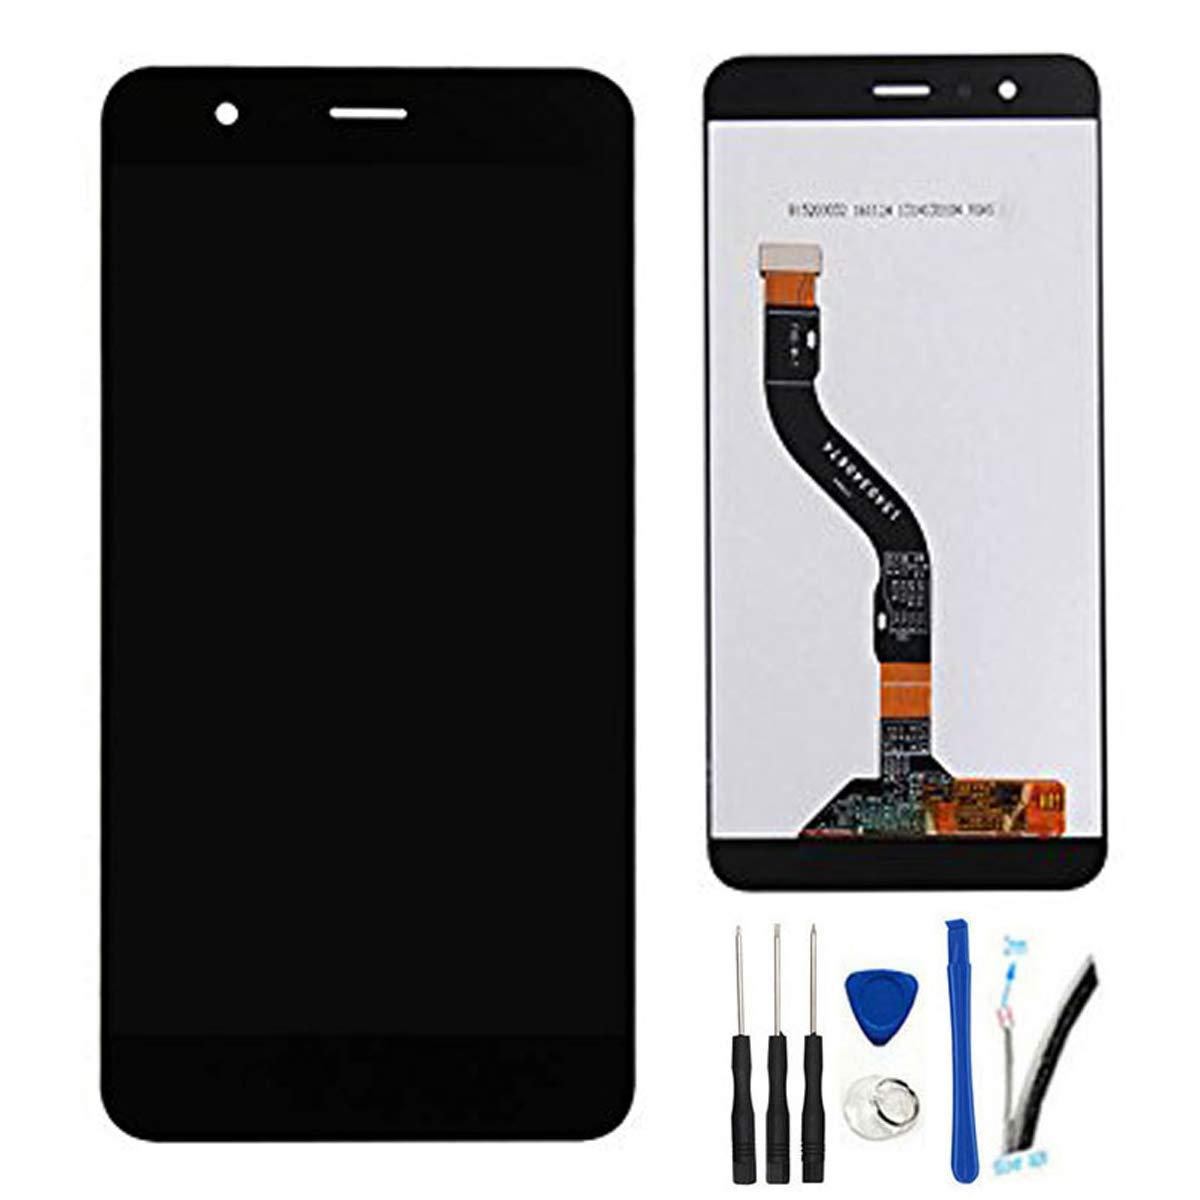 SOMEFUN Pantalla Táctil LCD de Digitalización Asamblea Pantalla de Recambio para Huawei P10 Lite P10Lite WAS-LX2J Was-LX2 Was-LX1 WAS-L03T Was-LX3 WAS-LX1A (Negro): Amazon.es: Electrónica